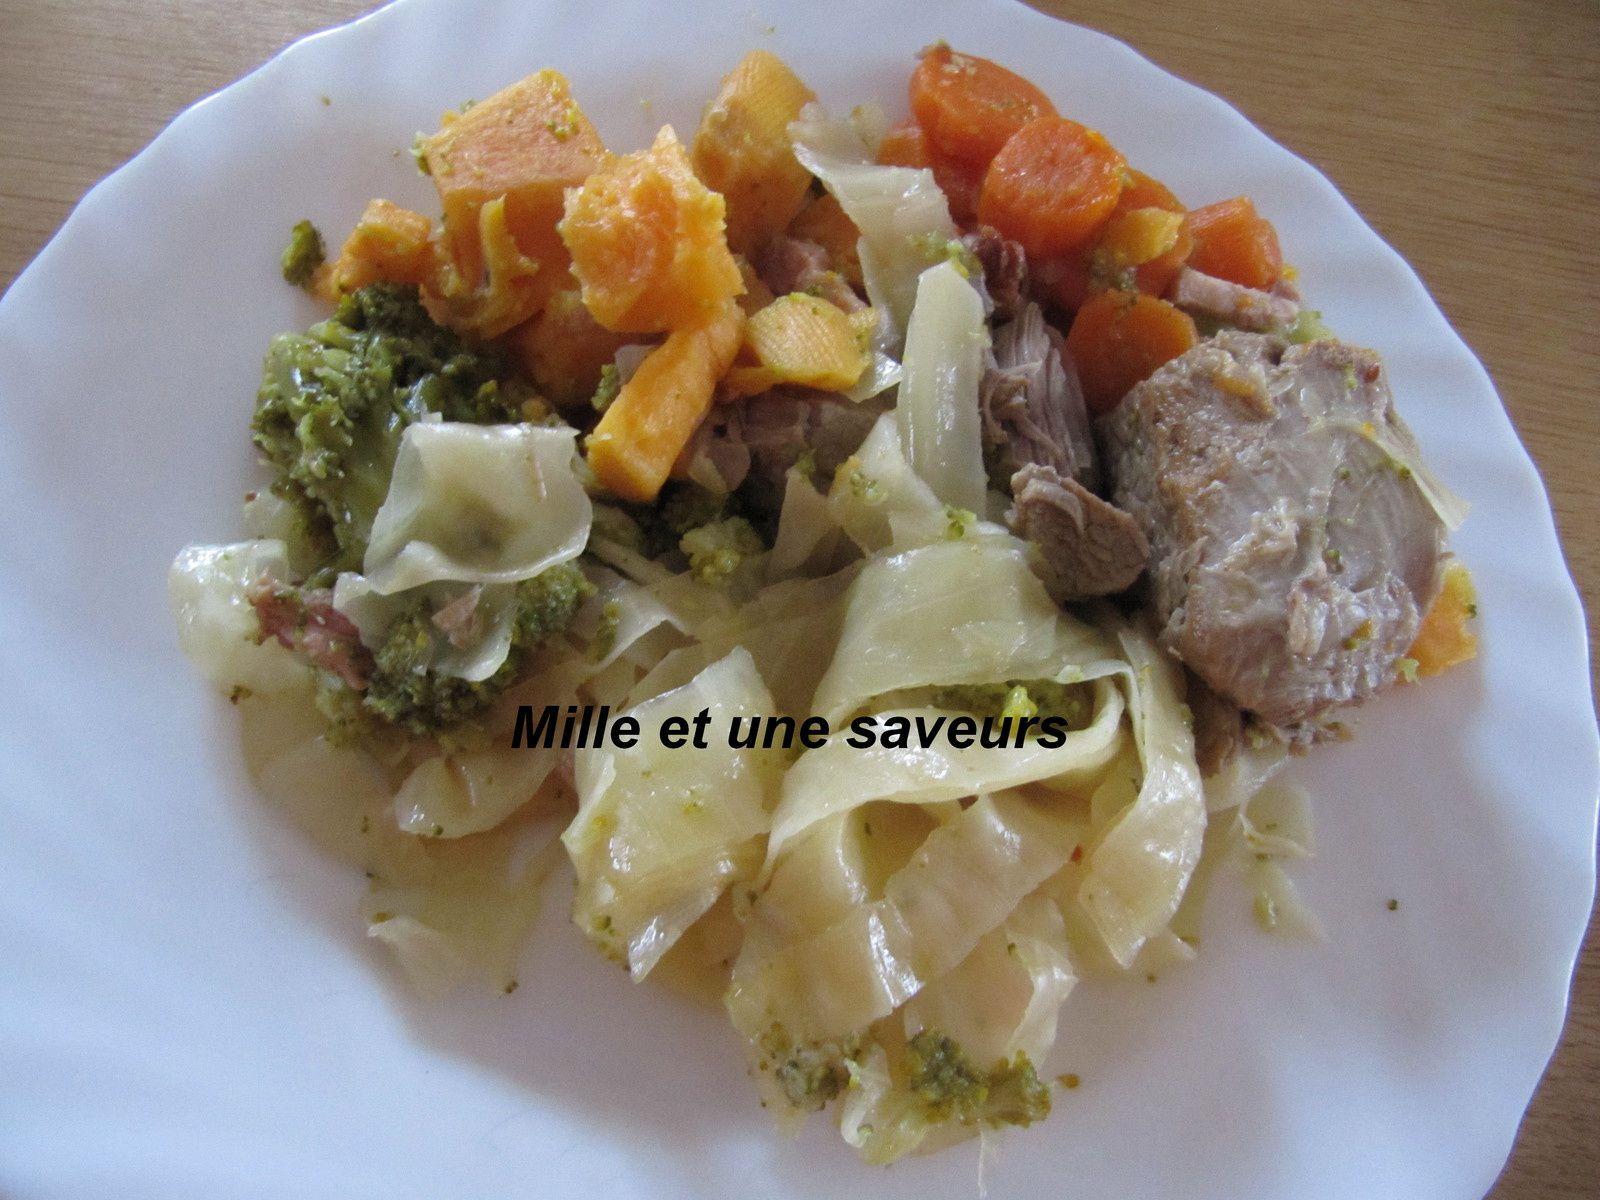 Poêlée de choux, carottes, patates douces et ses petits lardons au cookéo